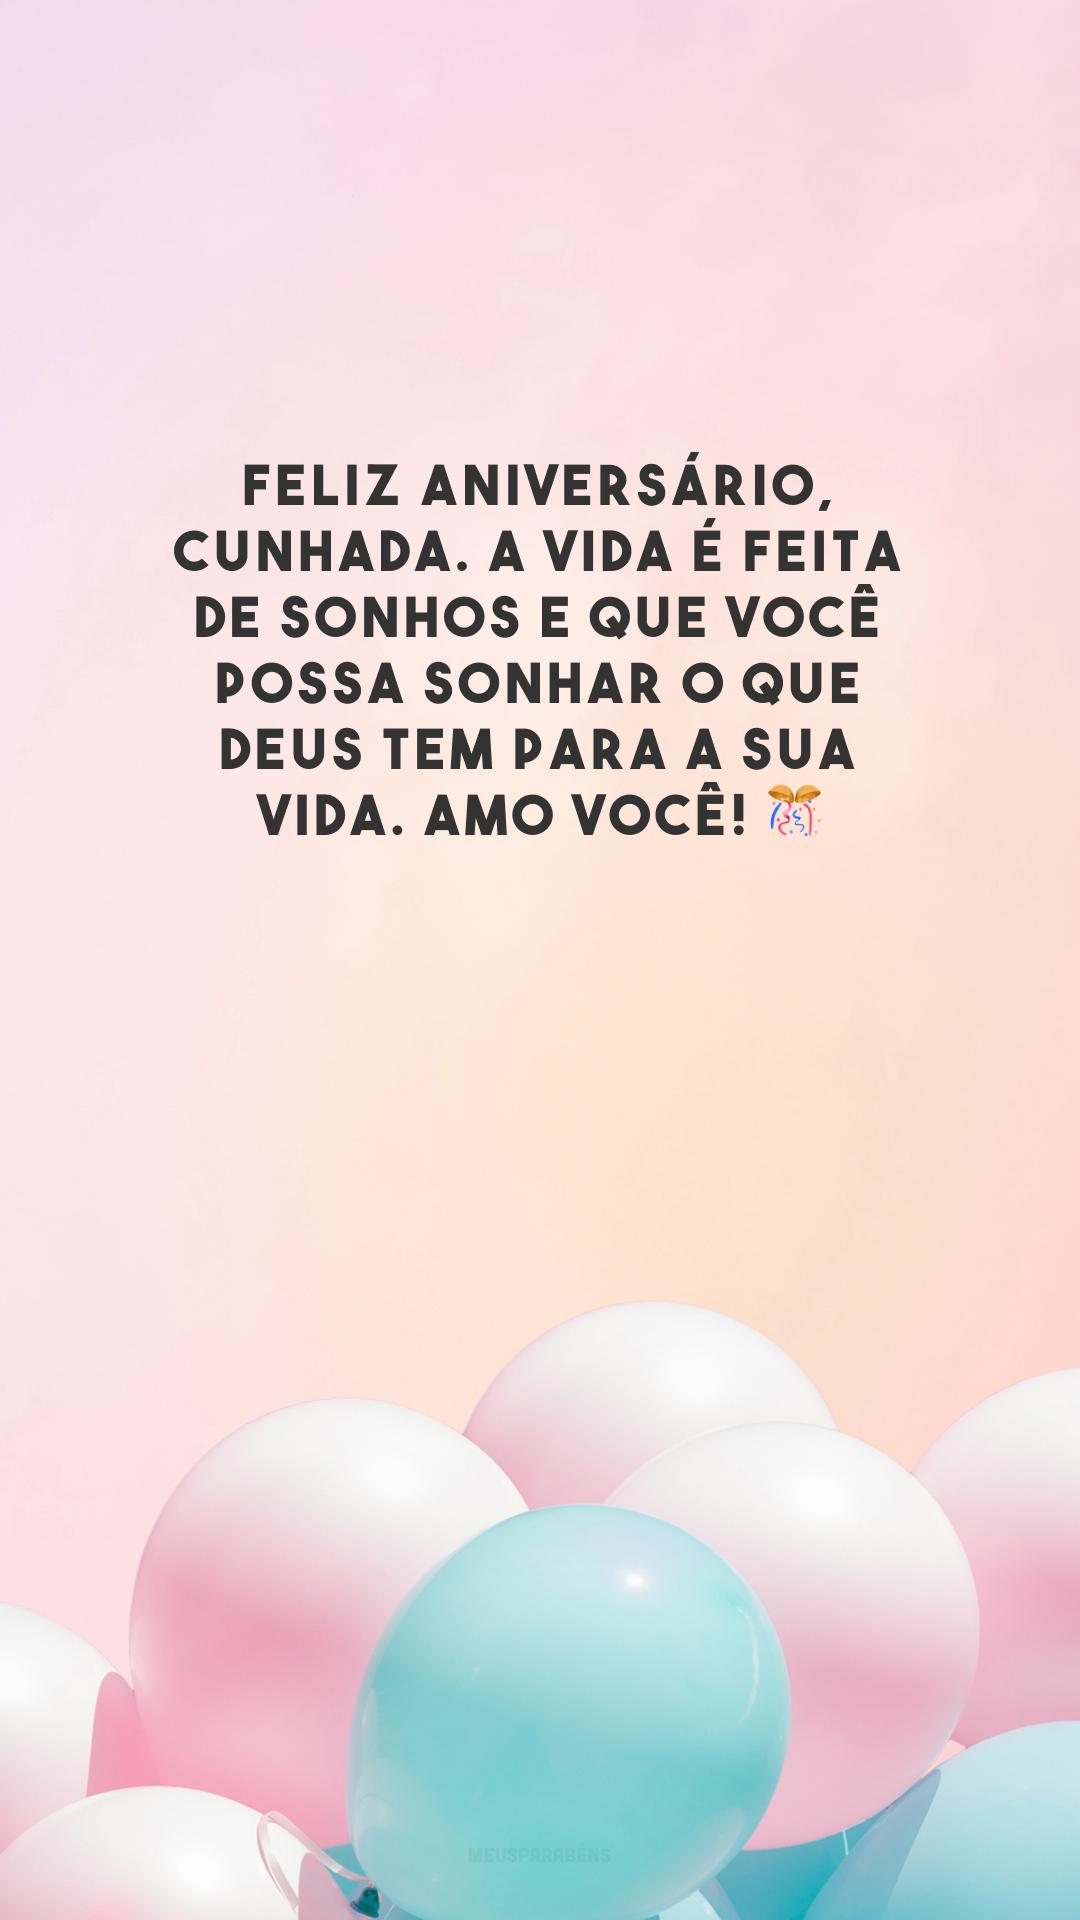 Feliz aniversário, cunhada. A vida é feita de sonhos e que você possa sonhar o que Deus tem para a sua vida. Amo você! 🎊